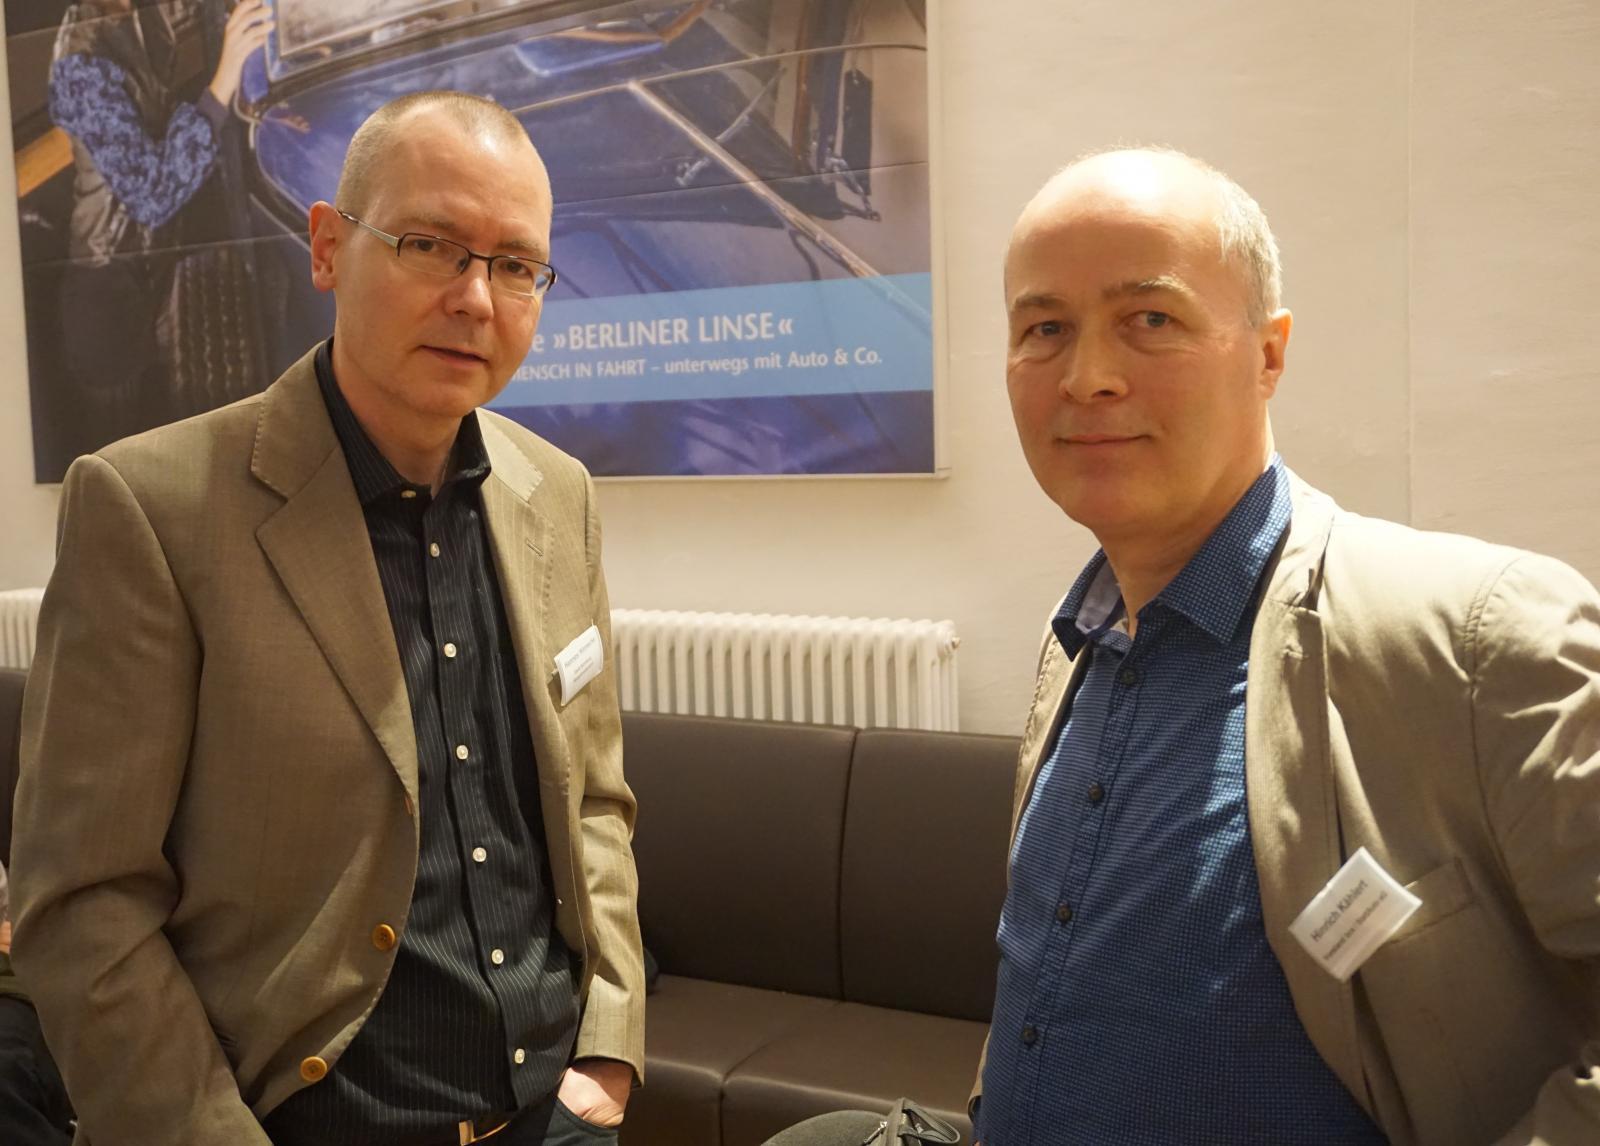 Hannes Hinnecke (l.) und bcs-Vorstand Hinrich Kählert (r.)